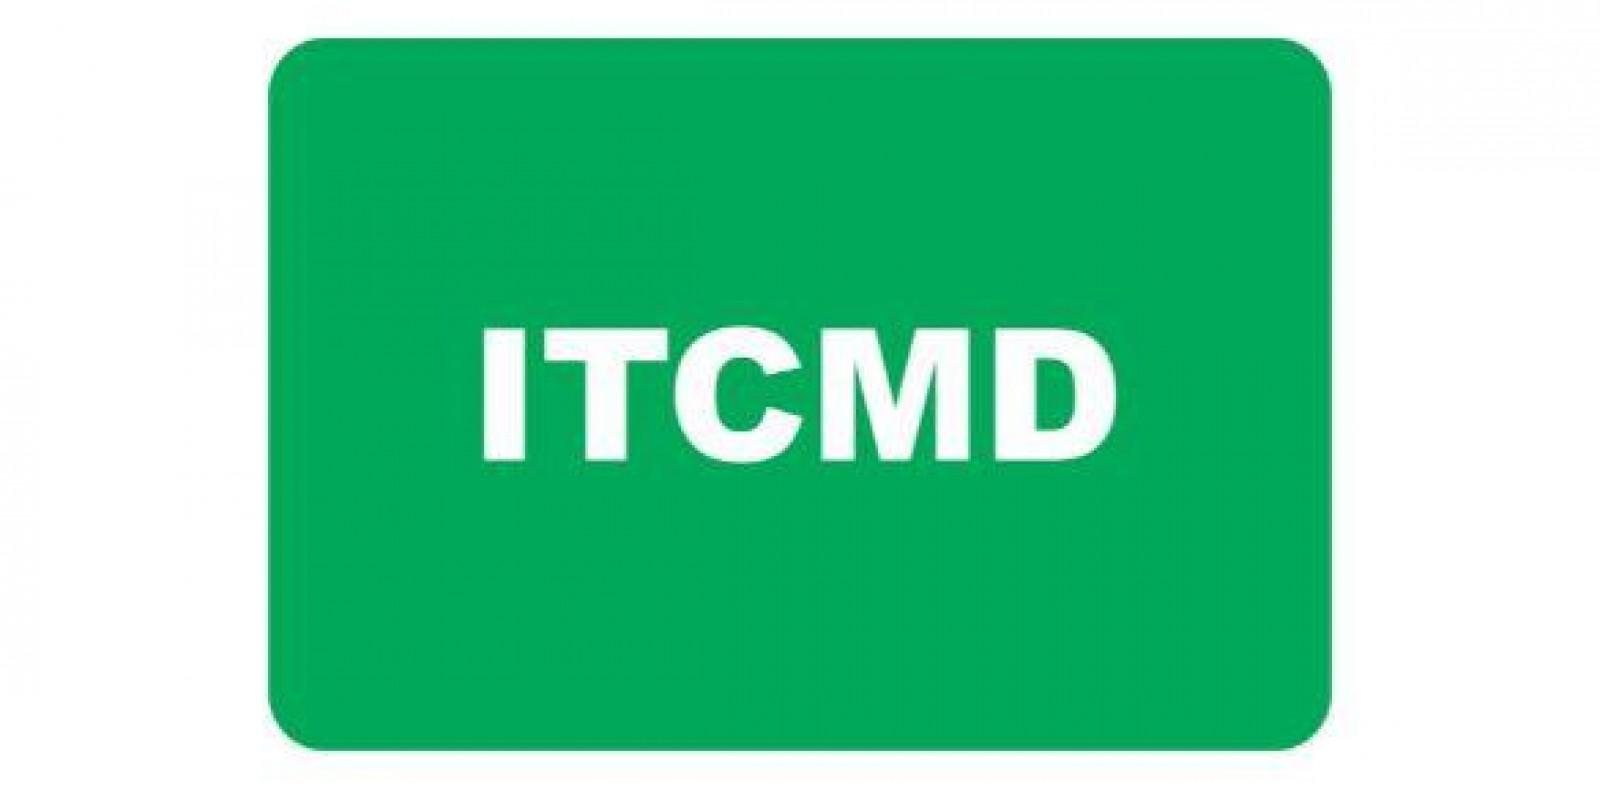 STJ Estados têm prazo limite de 5 anos para cobrança de ITCMD